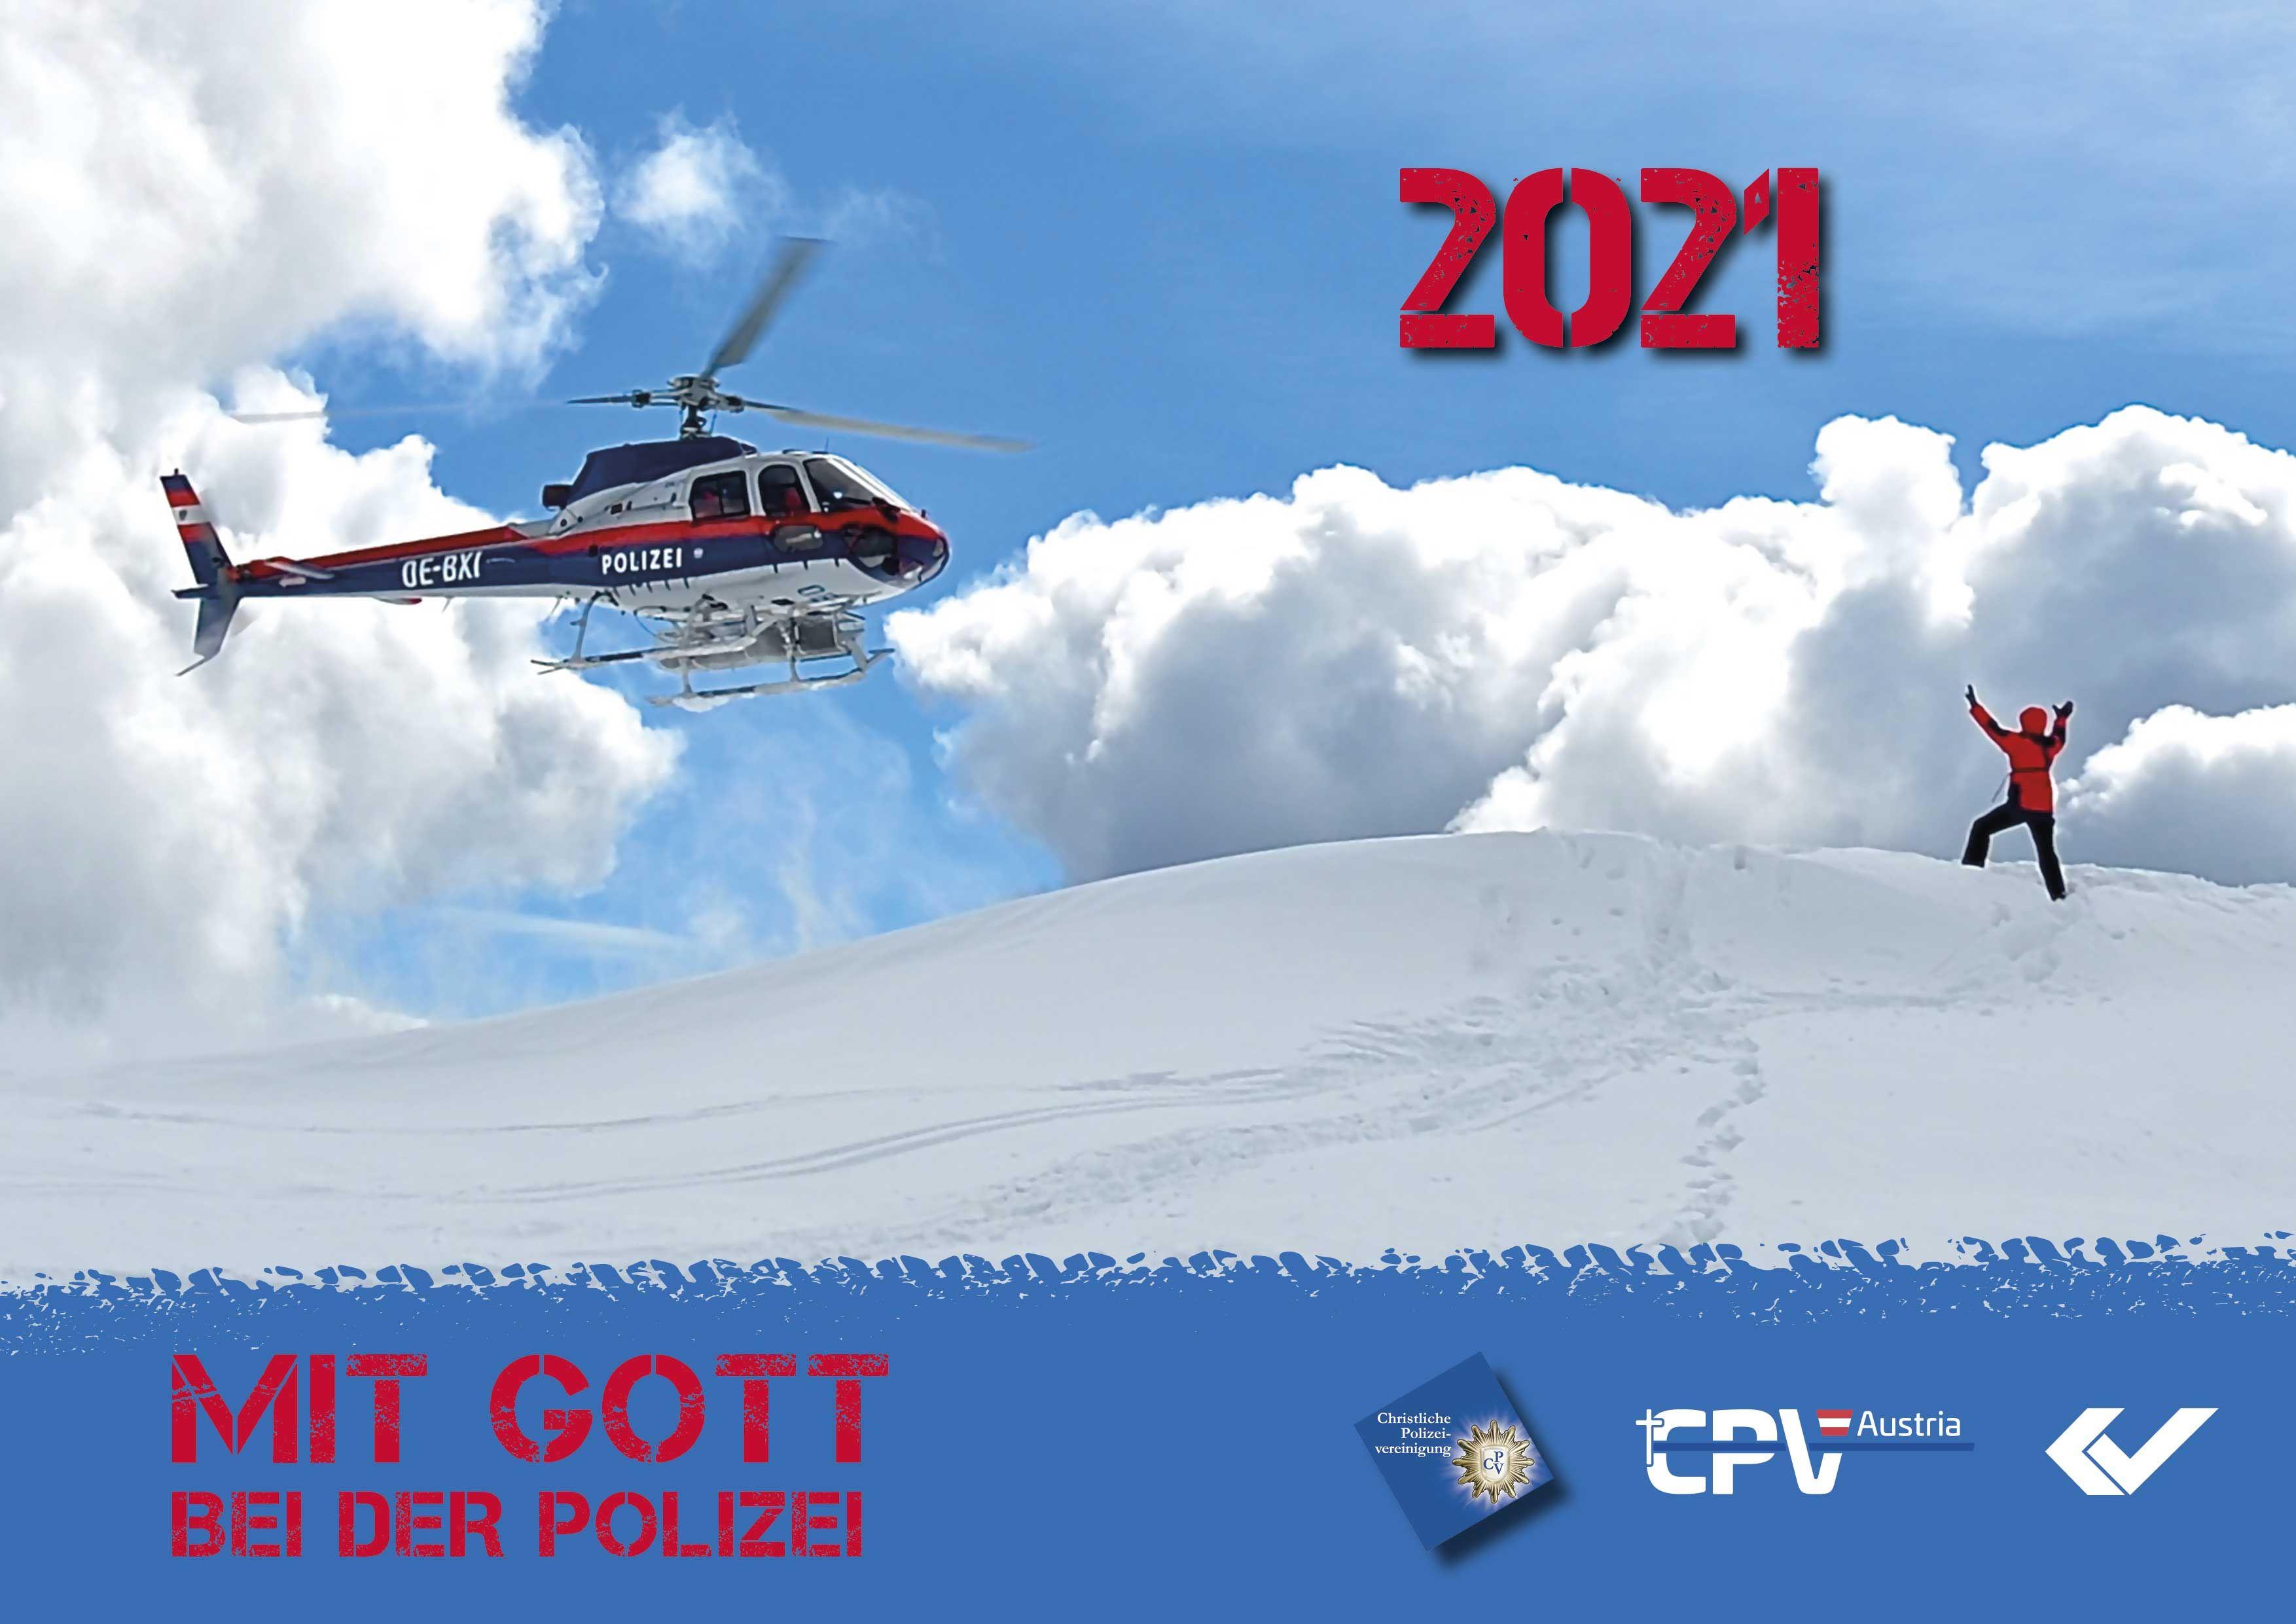 Mit Gott bei der Polizei 2021